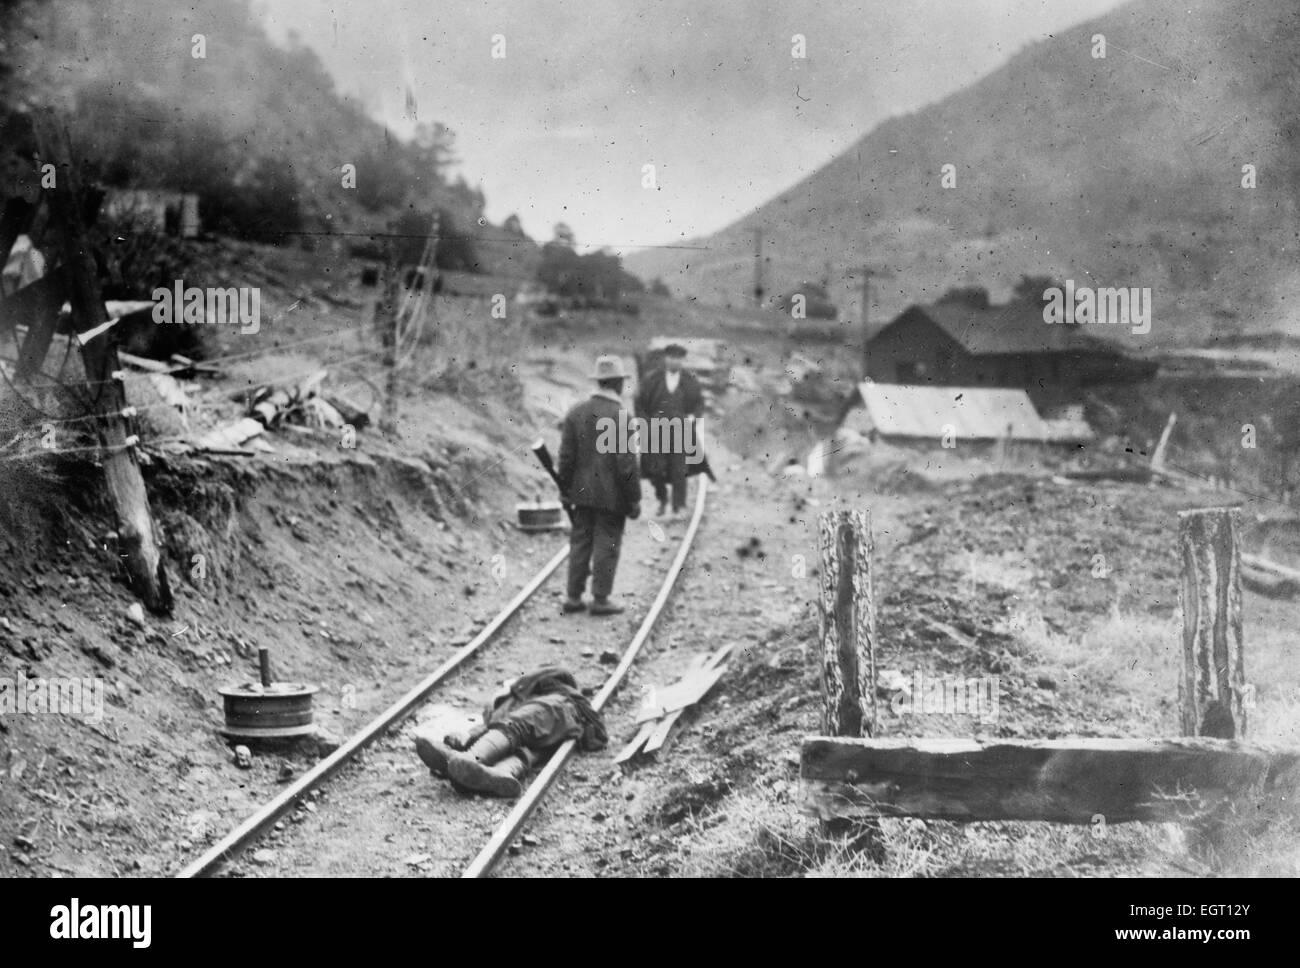 La minera degollado con algunos de sus camaradas - Ludlow masacre, durante la cual un campamento de mineros llamativo Imagen De Stock